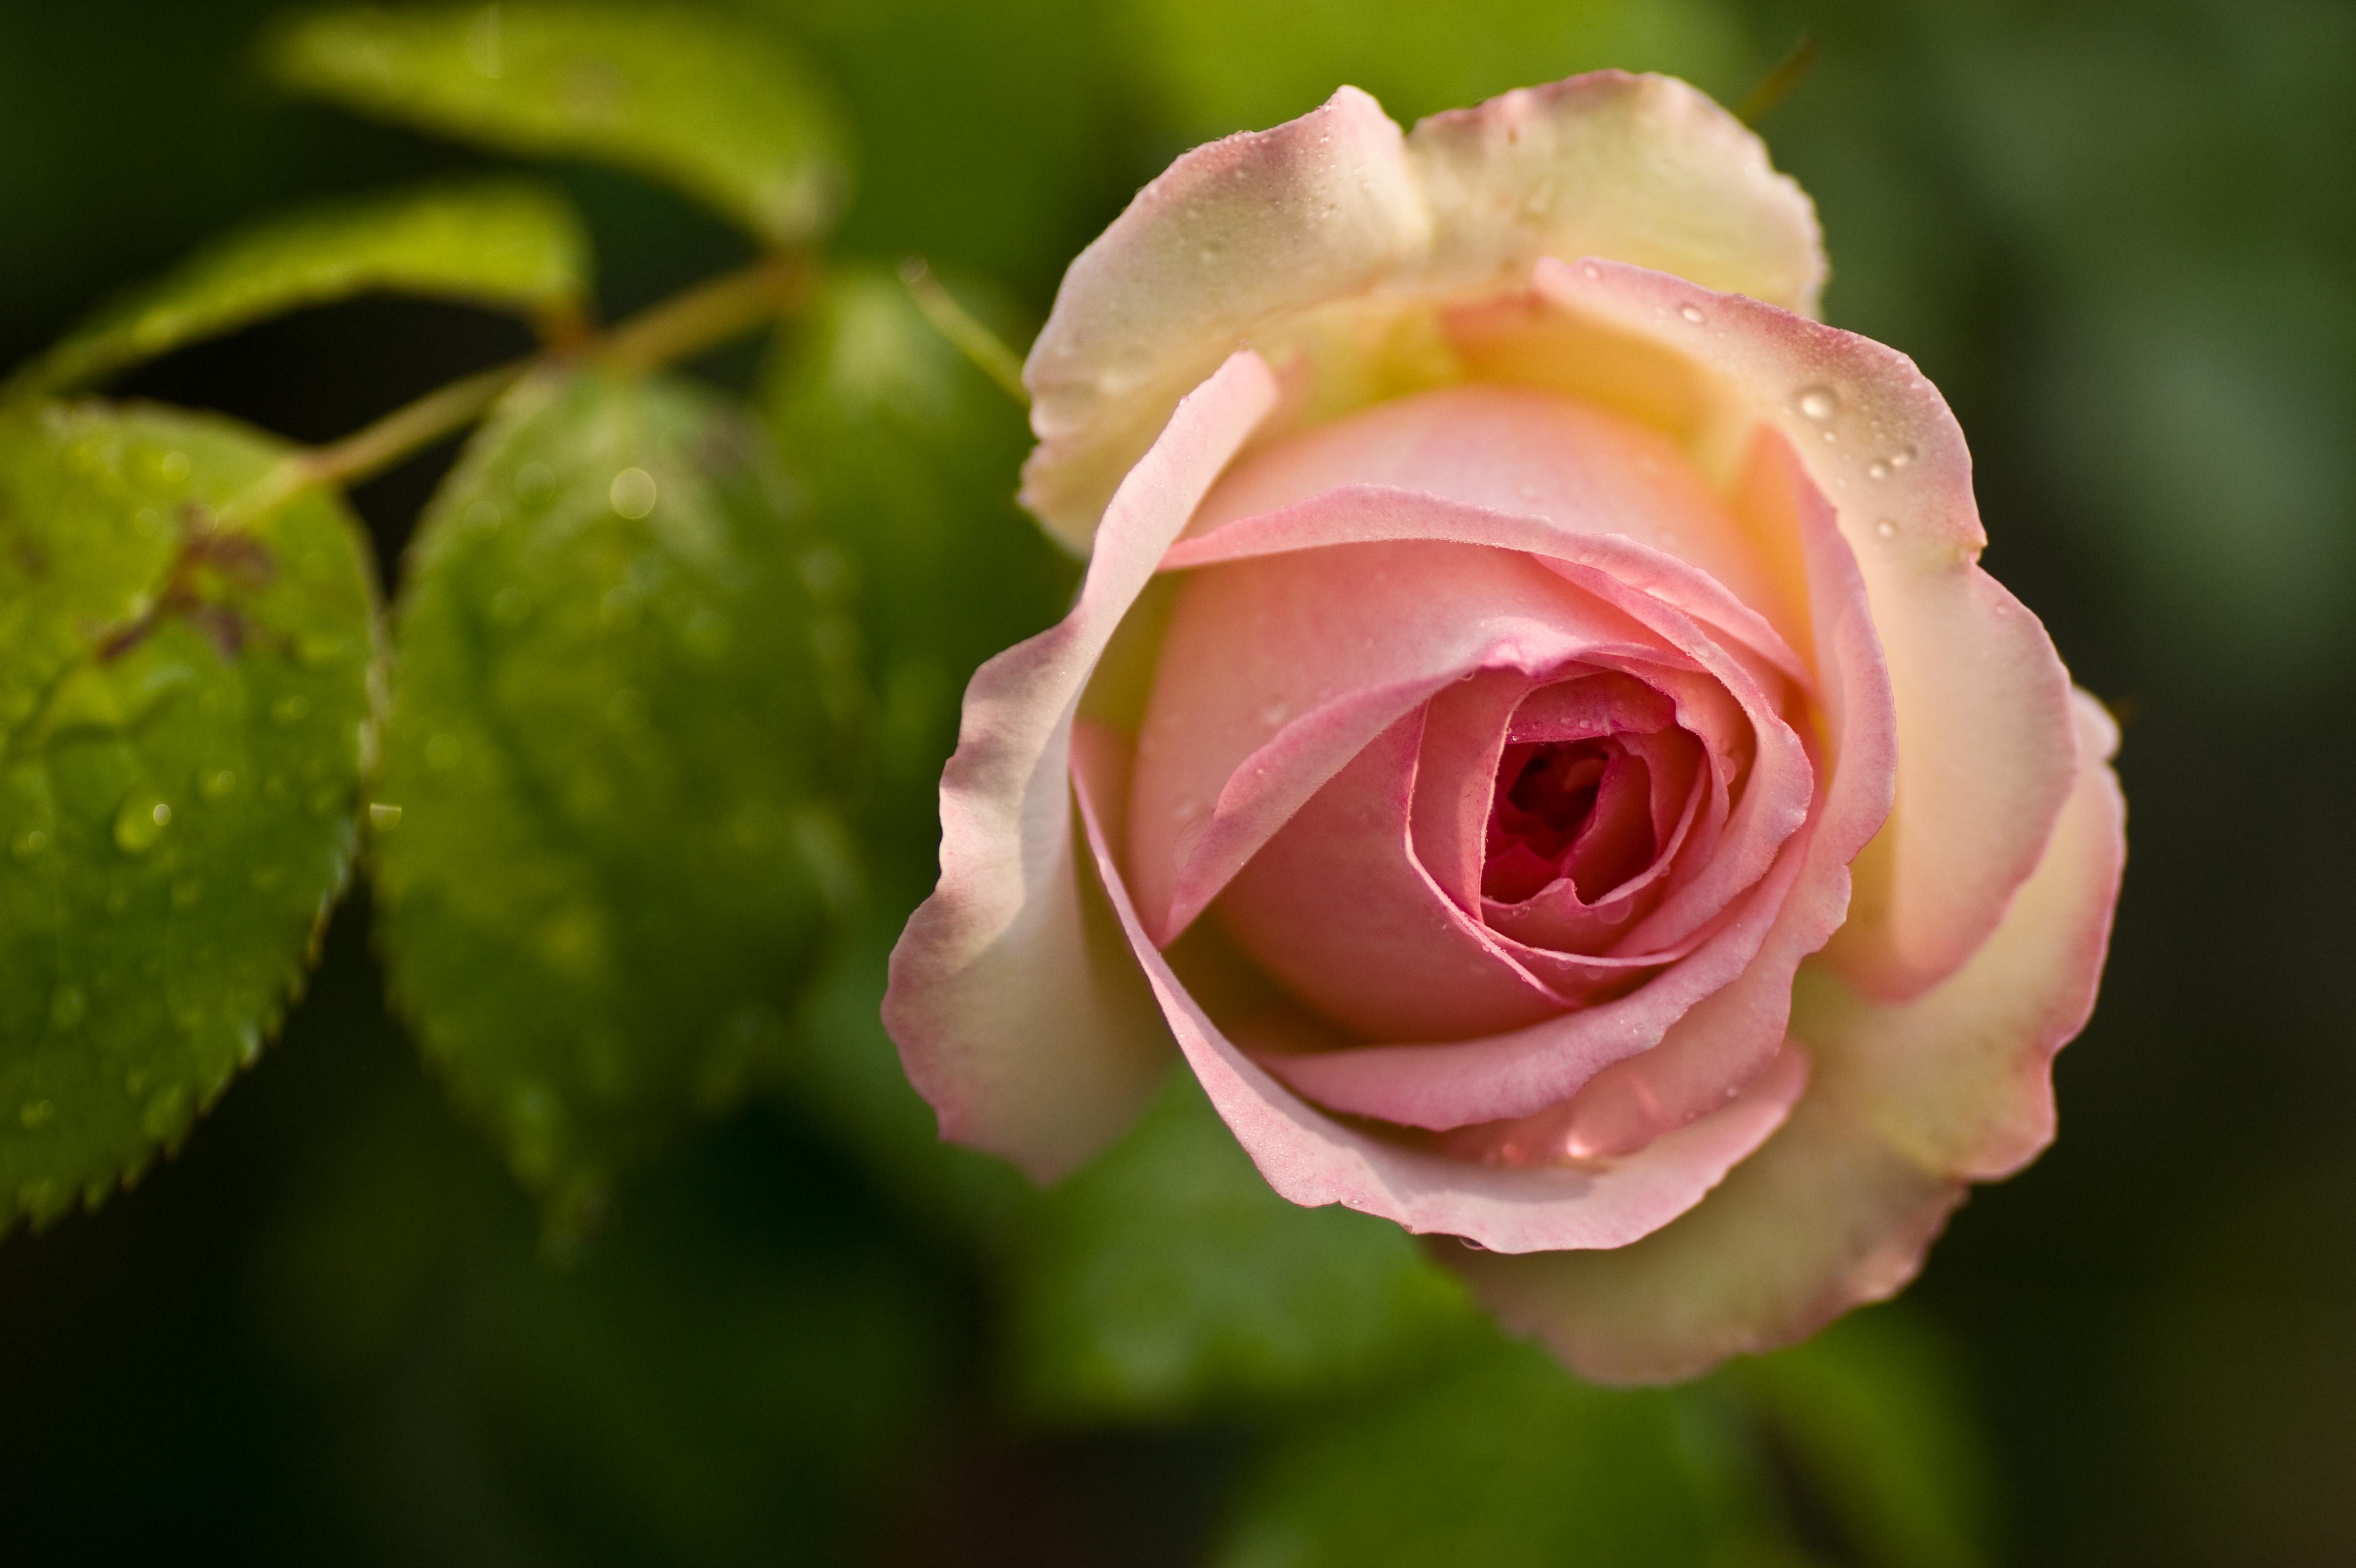 flower pink rose: